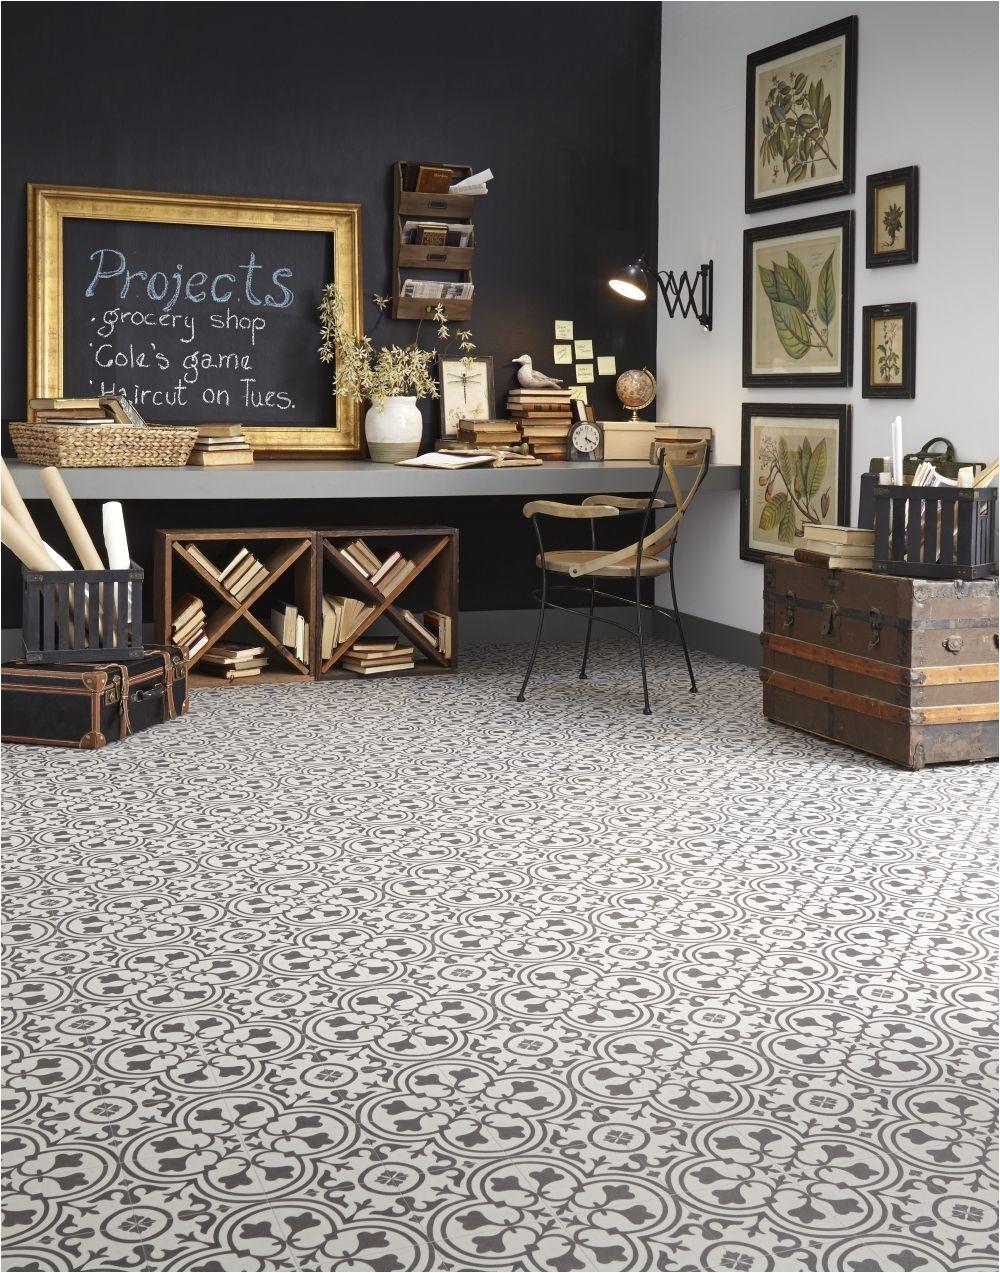 Best Wax for Vinyl Tile Floors Luxury Vinyl Tile Sheet Floor Art Deco Layout Design Inspiration for